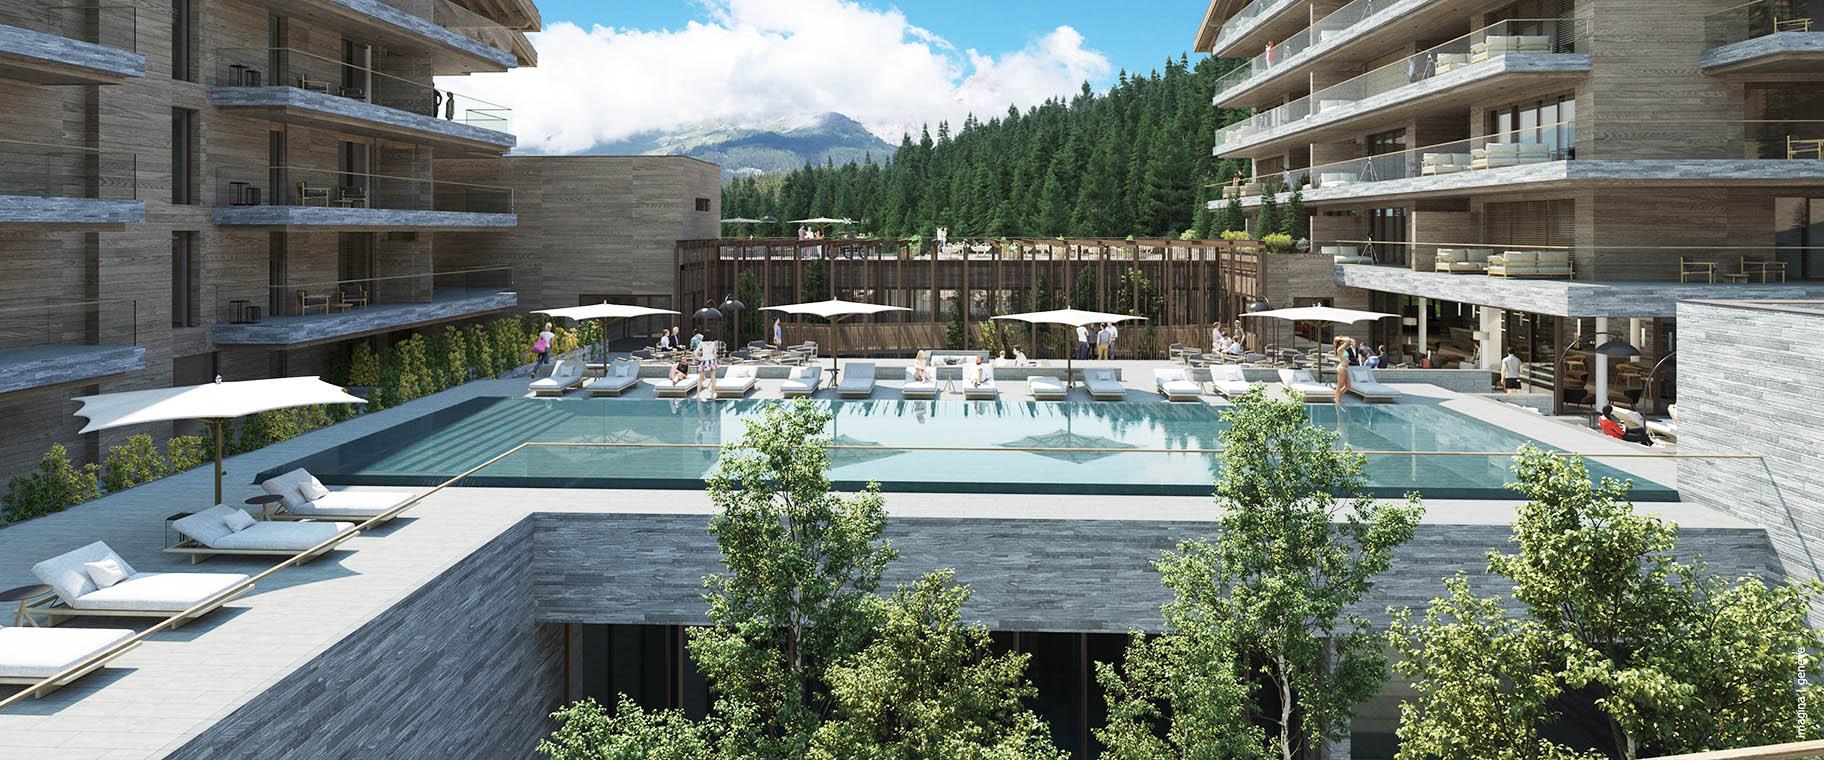 Projet d'aménagement paysager pour l'hotel Six Senses de Crans-Montana par VIMADE Architectes paysagistes, piscine et vue sur les alpes.